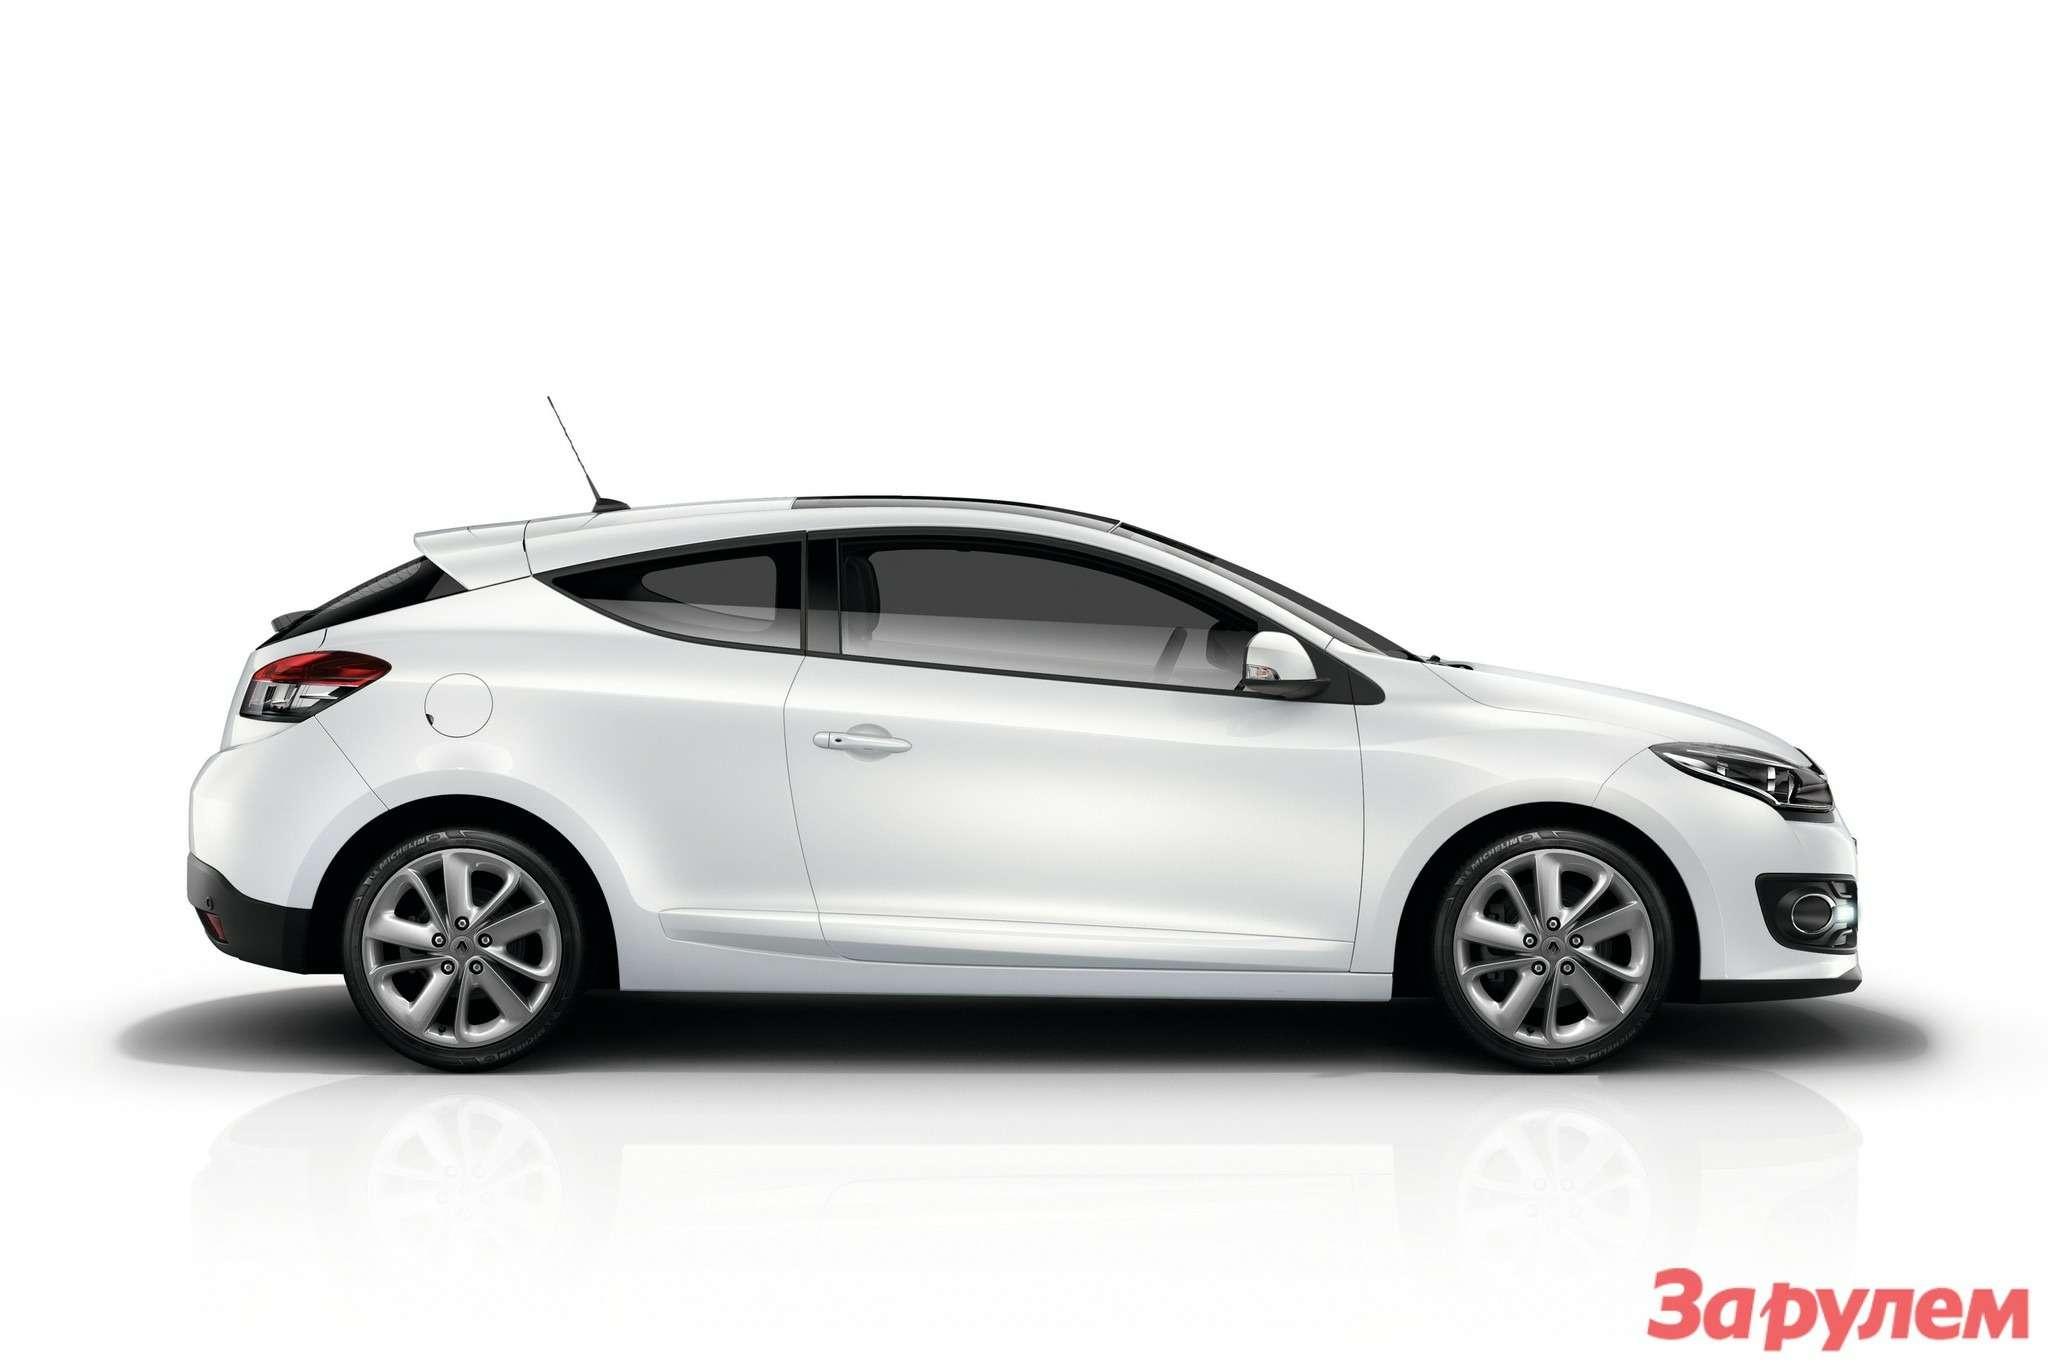 Обновленный Renault Megane Coupe